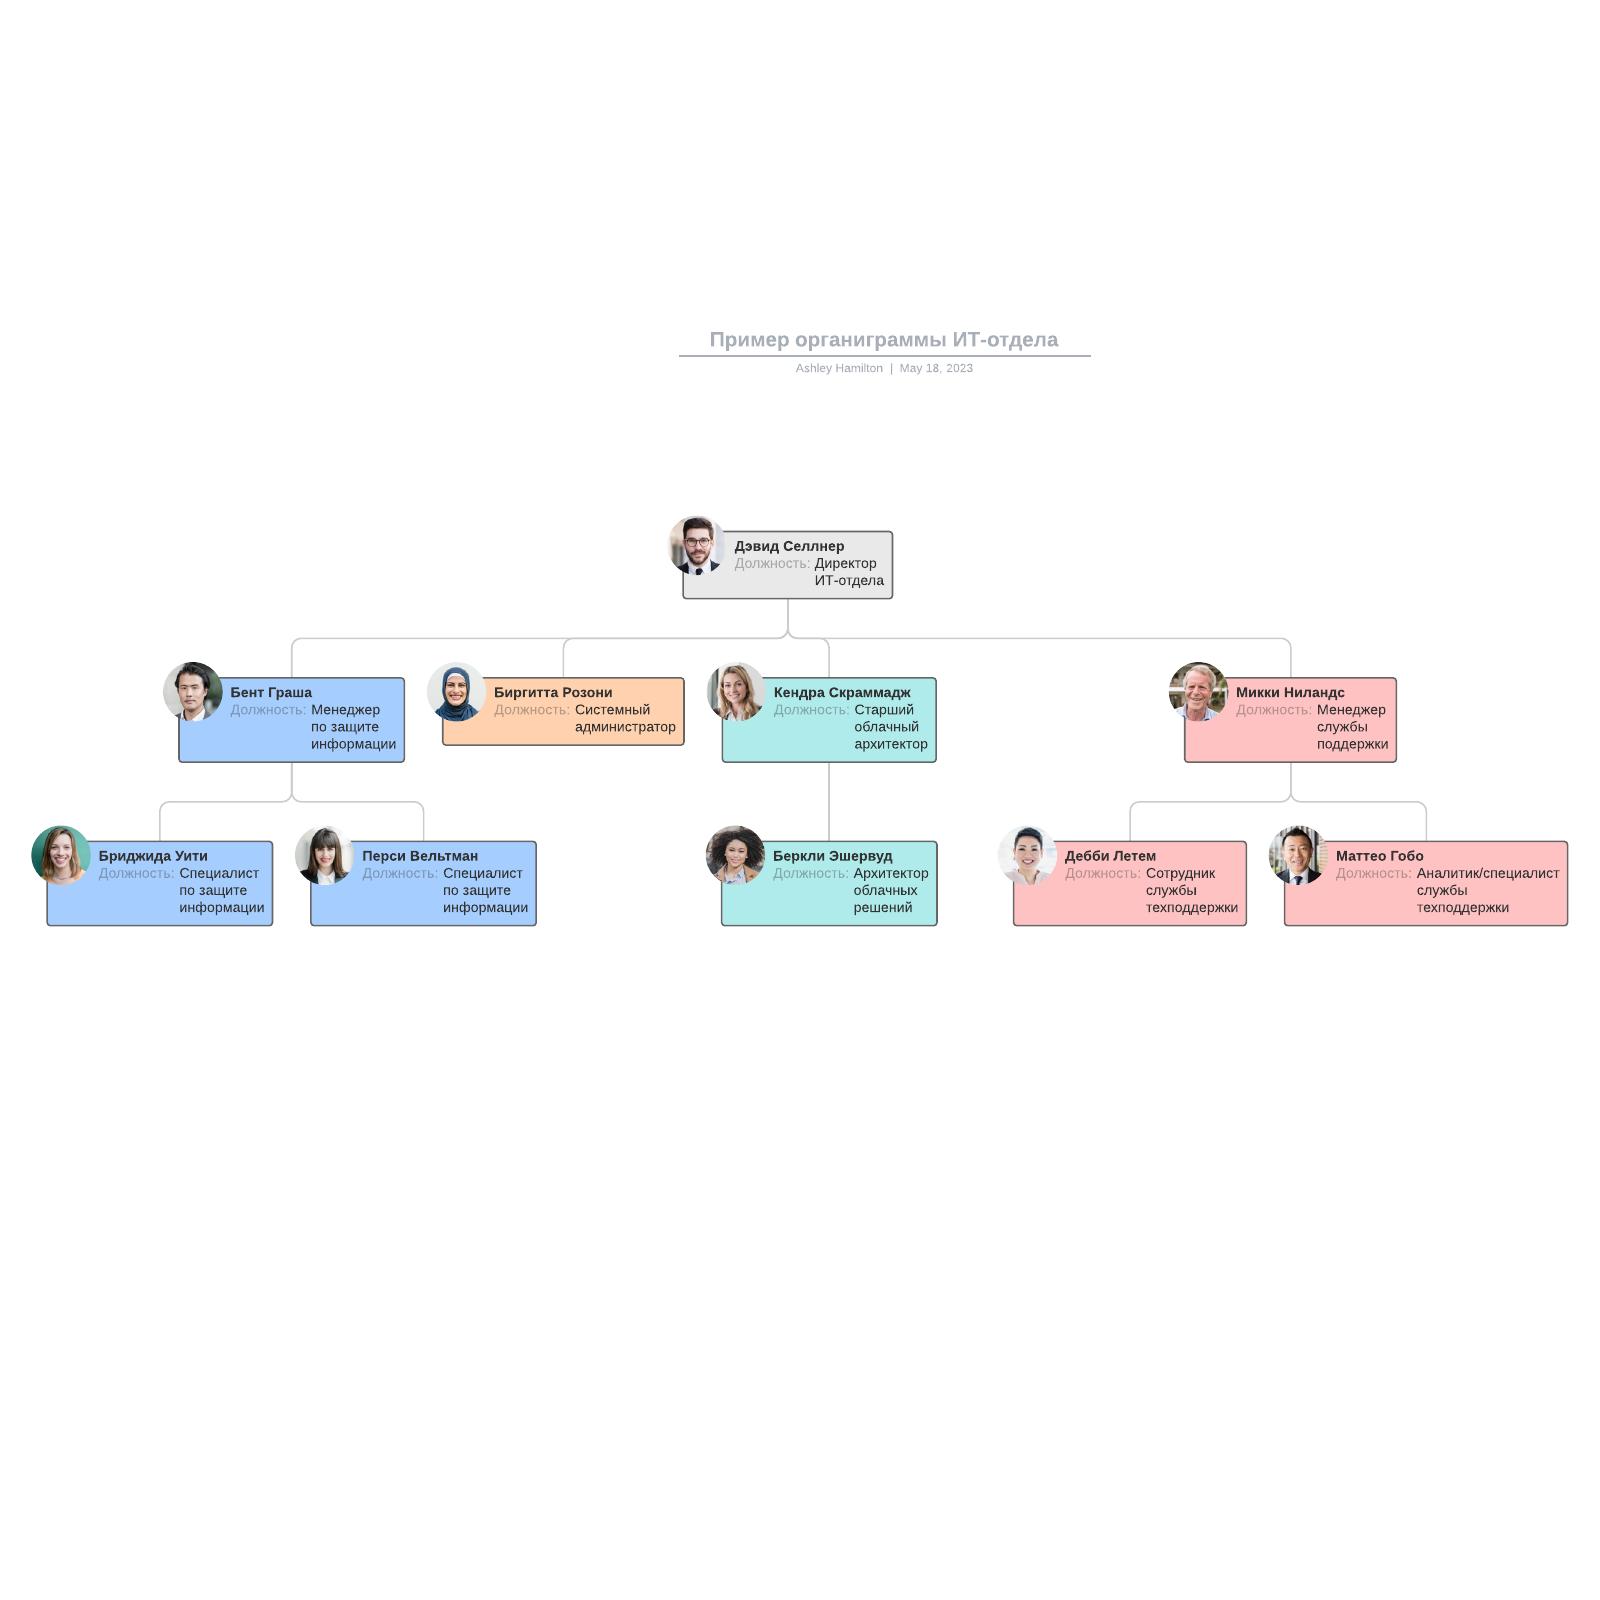 Пример органиграммы ИТ-отдела